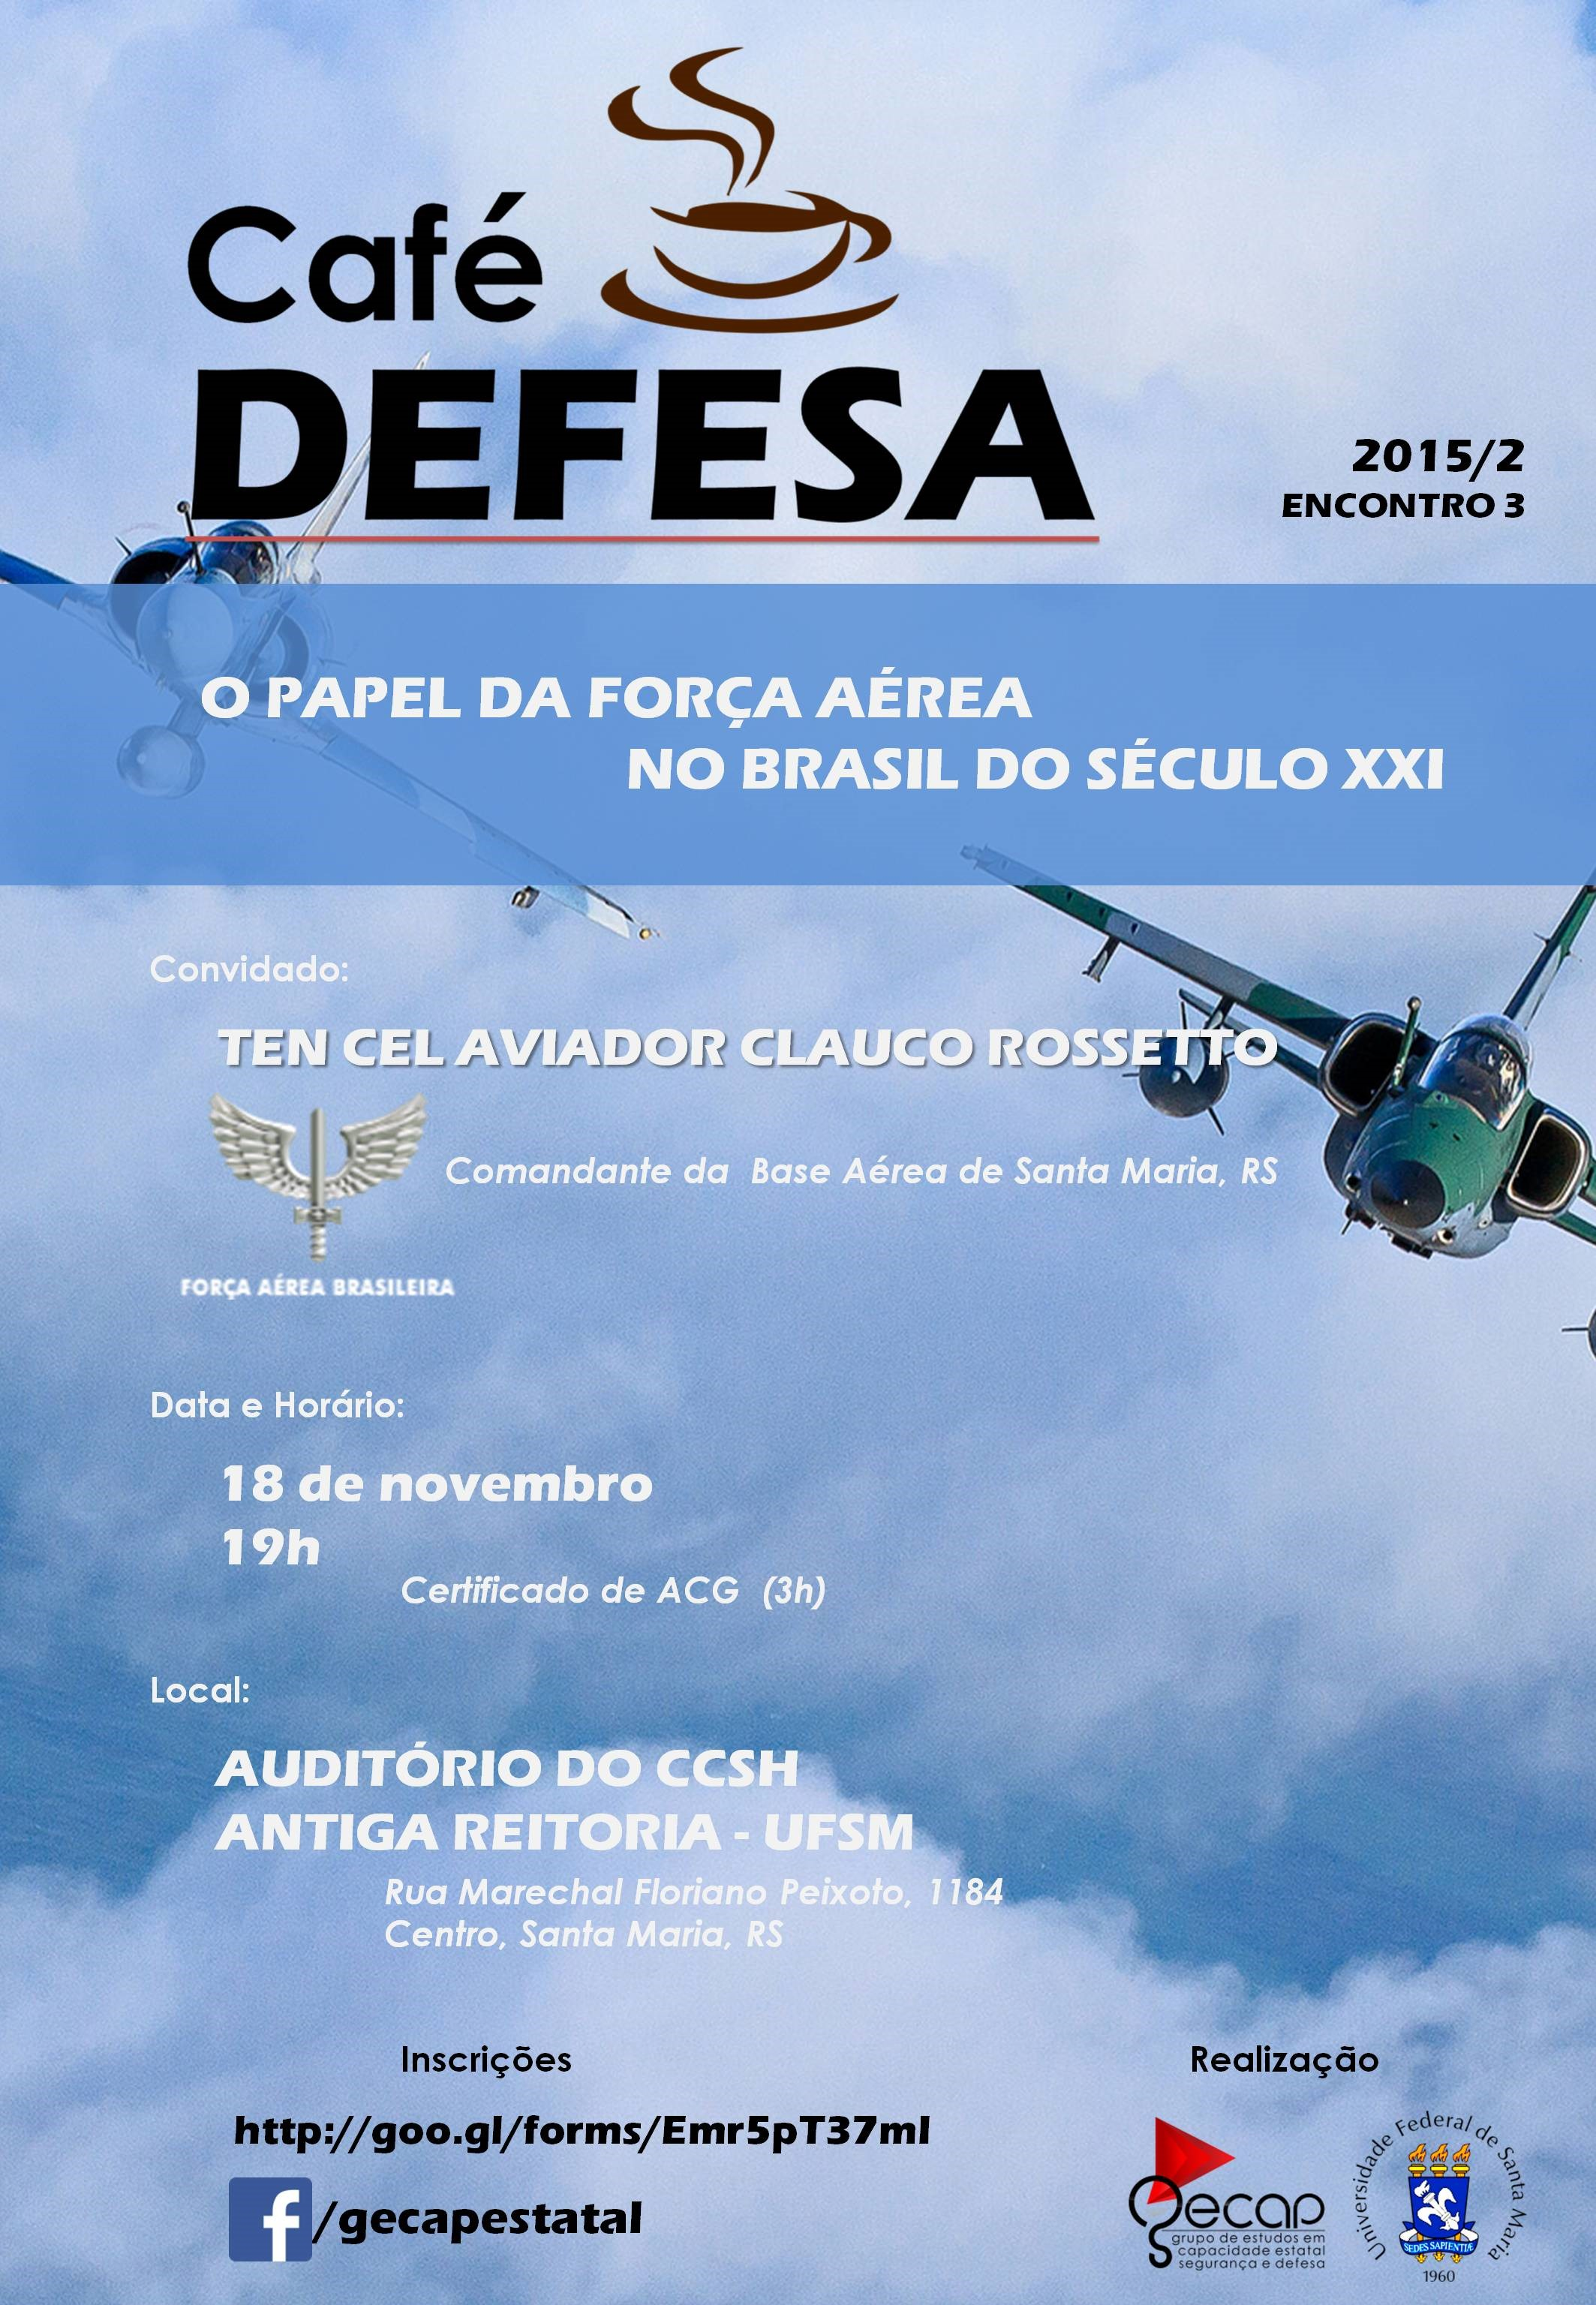 Café Defesa